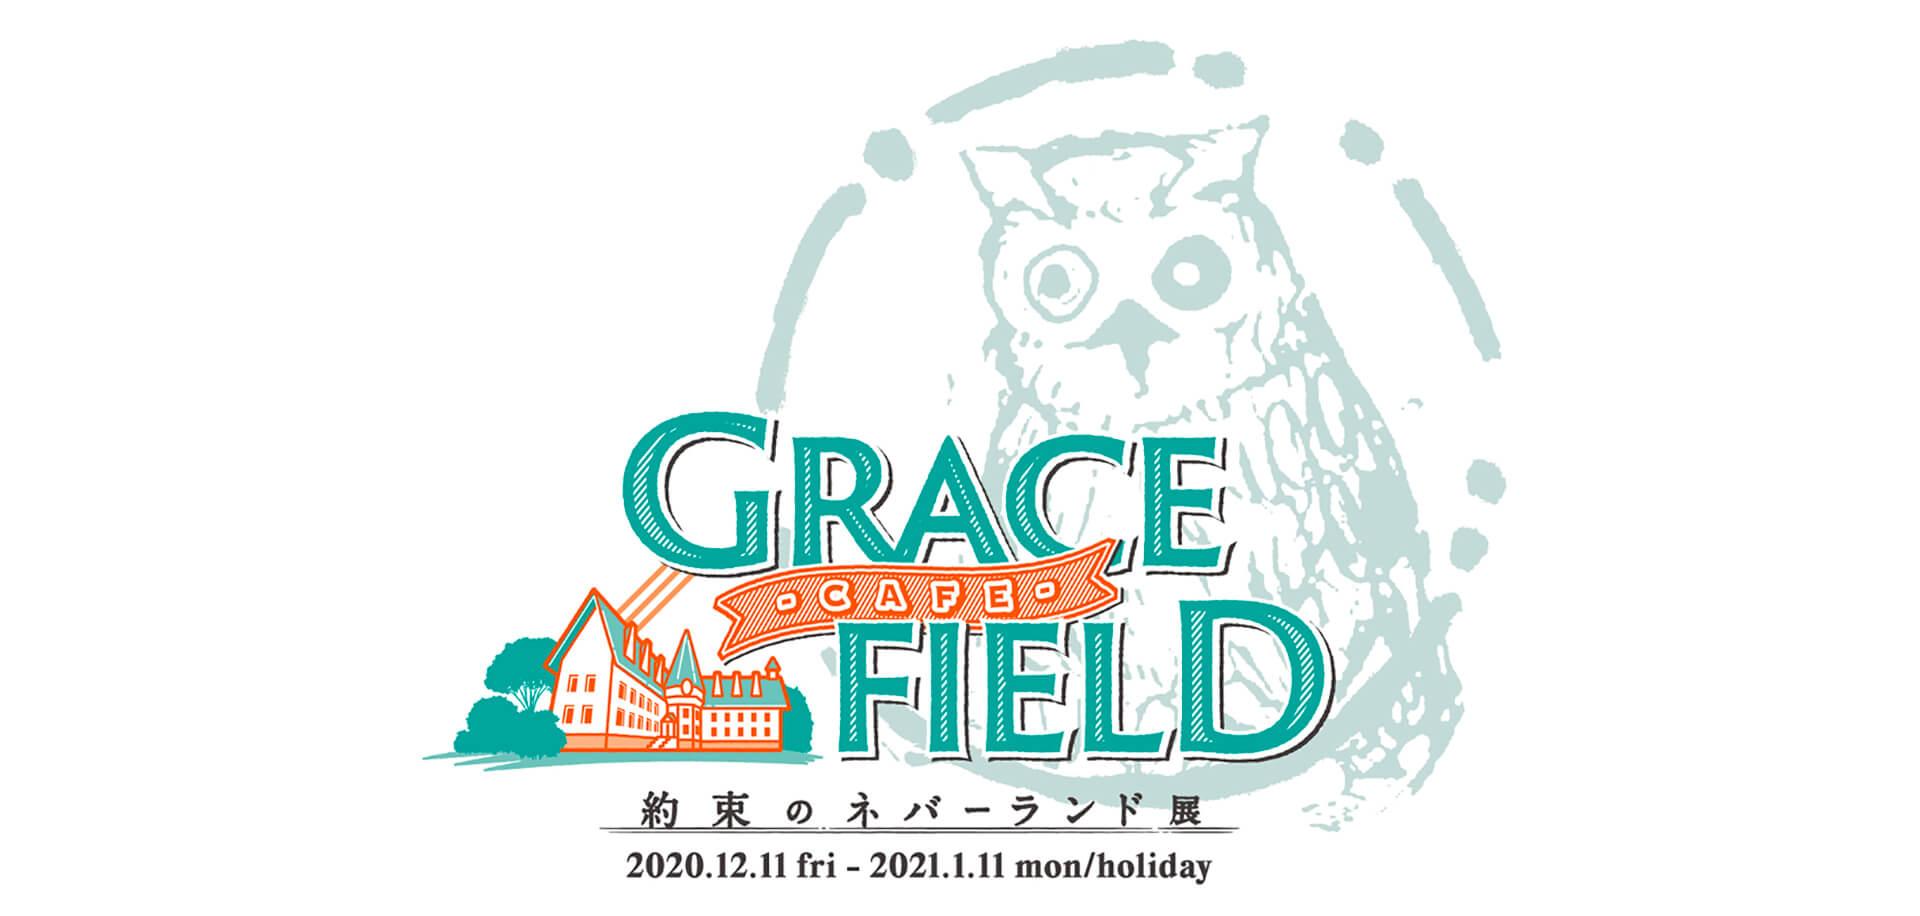 コラボレーションカフェ「CAFE GRACE FIELD」